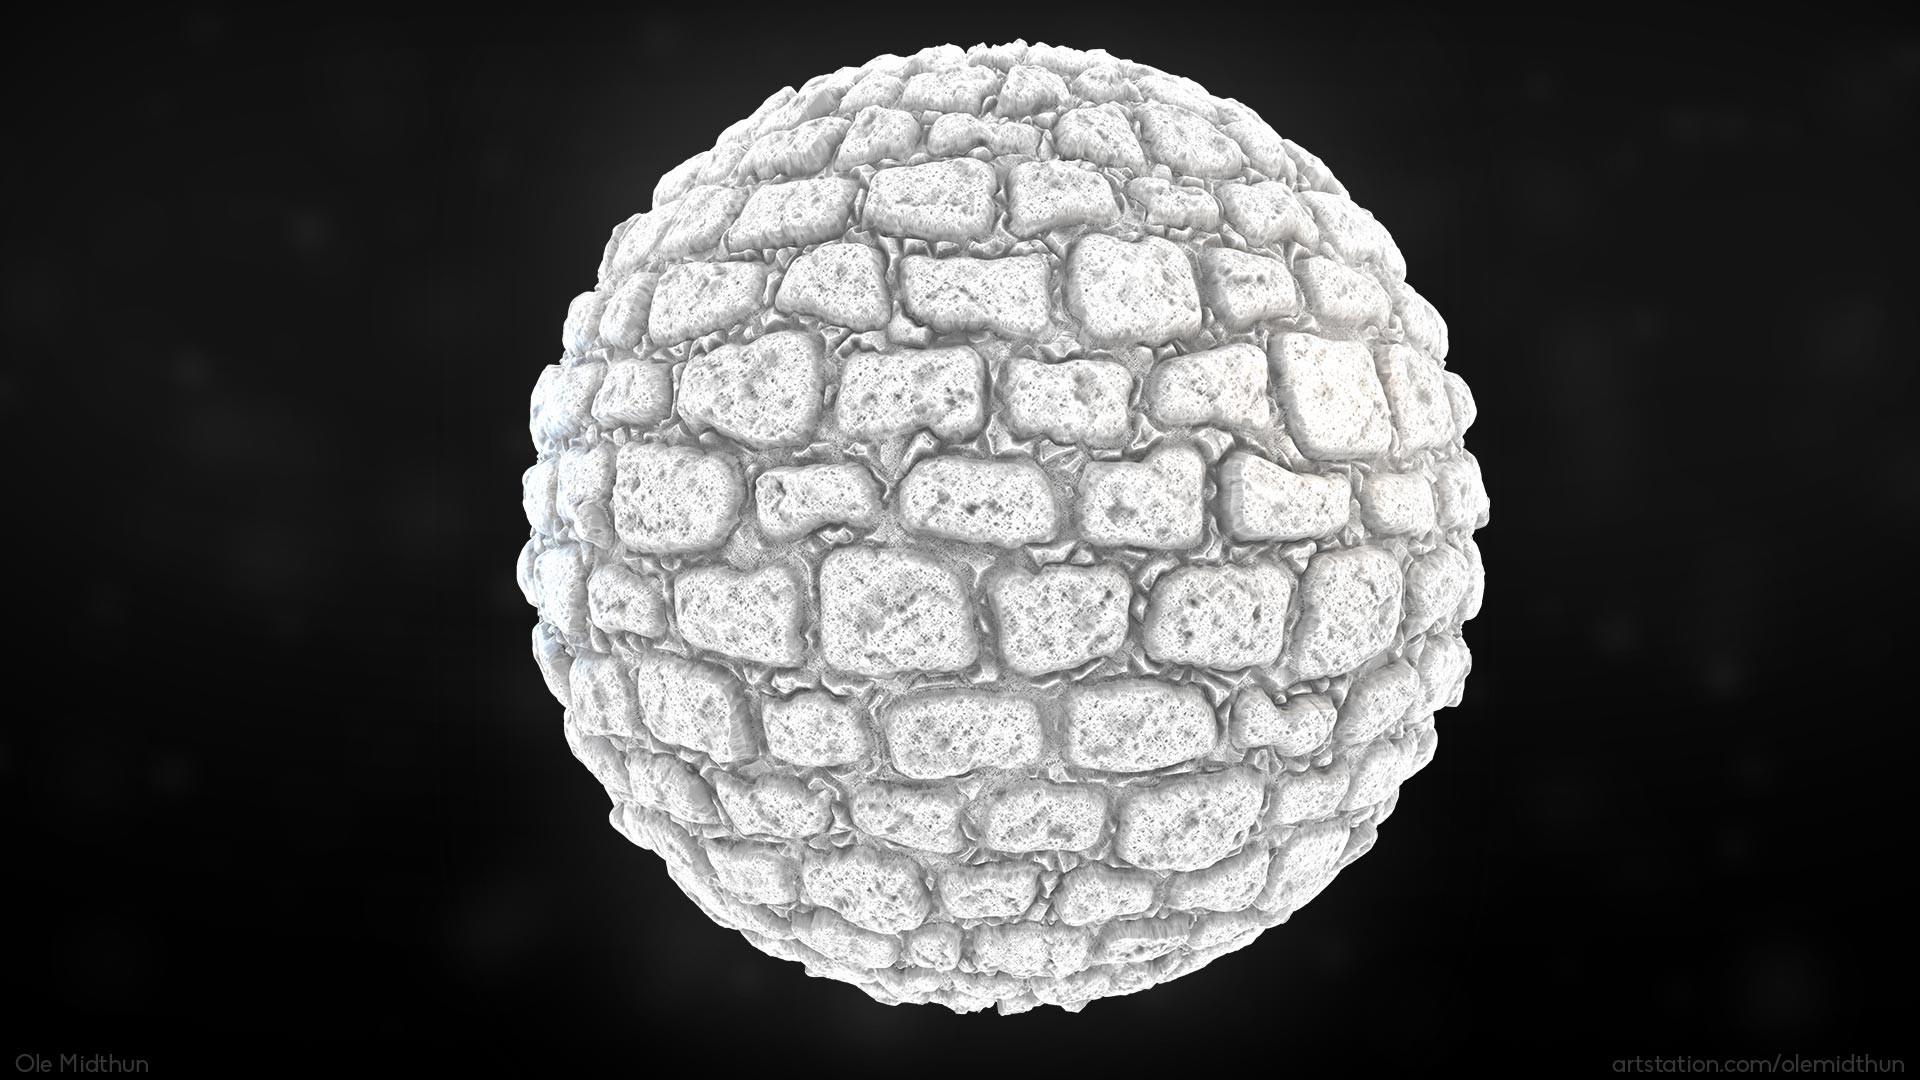 Ole midthun stone wall 2 render 07